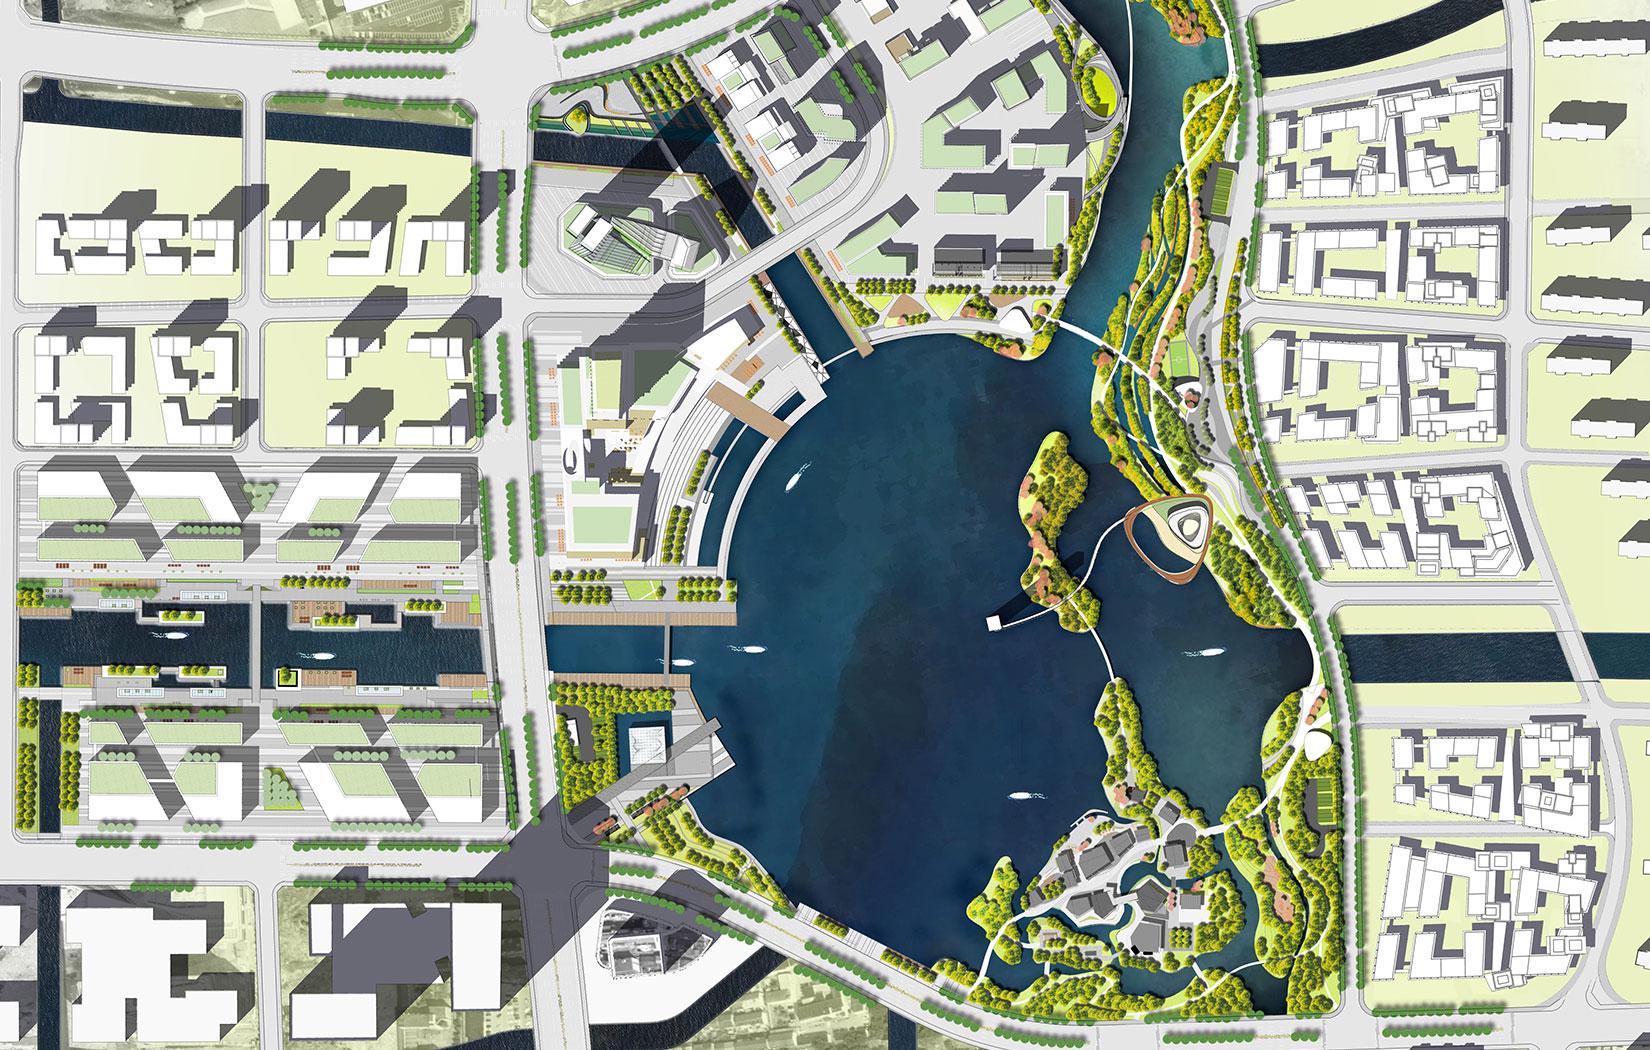 Ming Lake Urban Design Pfs Studio